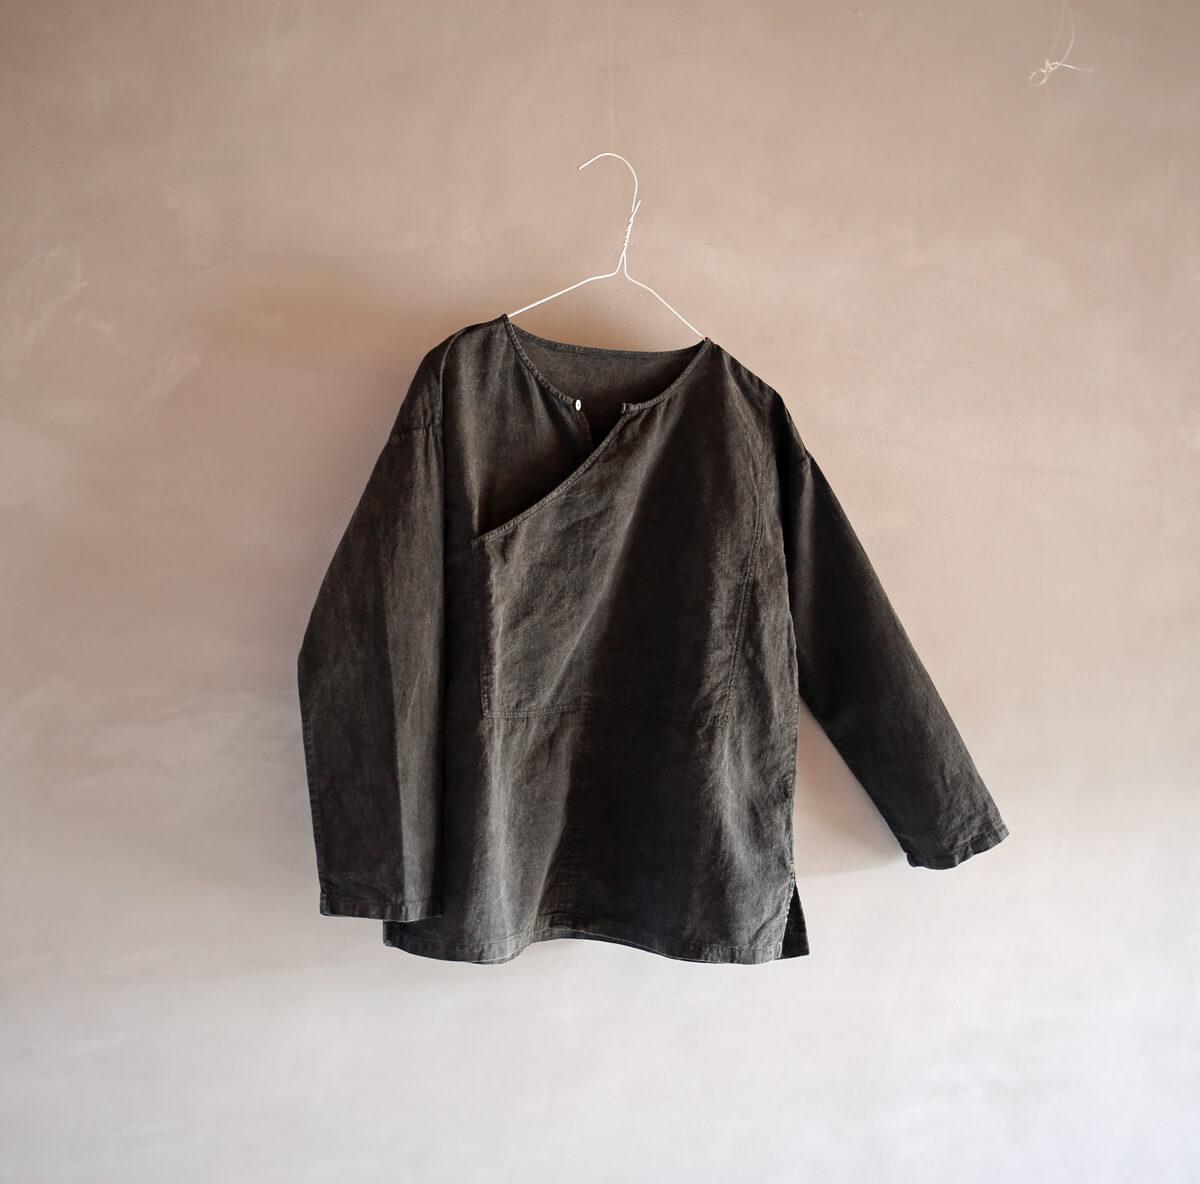 ベンガラ染のポケットシャツのアイキャッチ画像